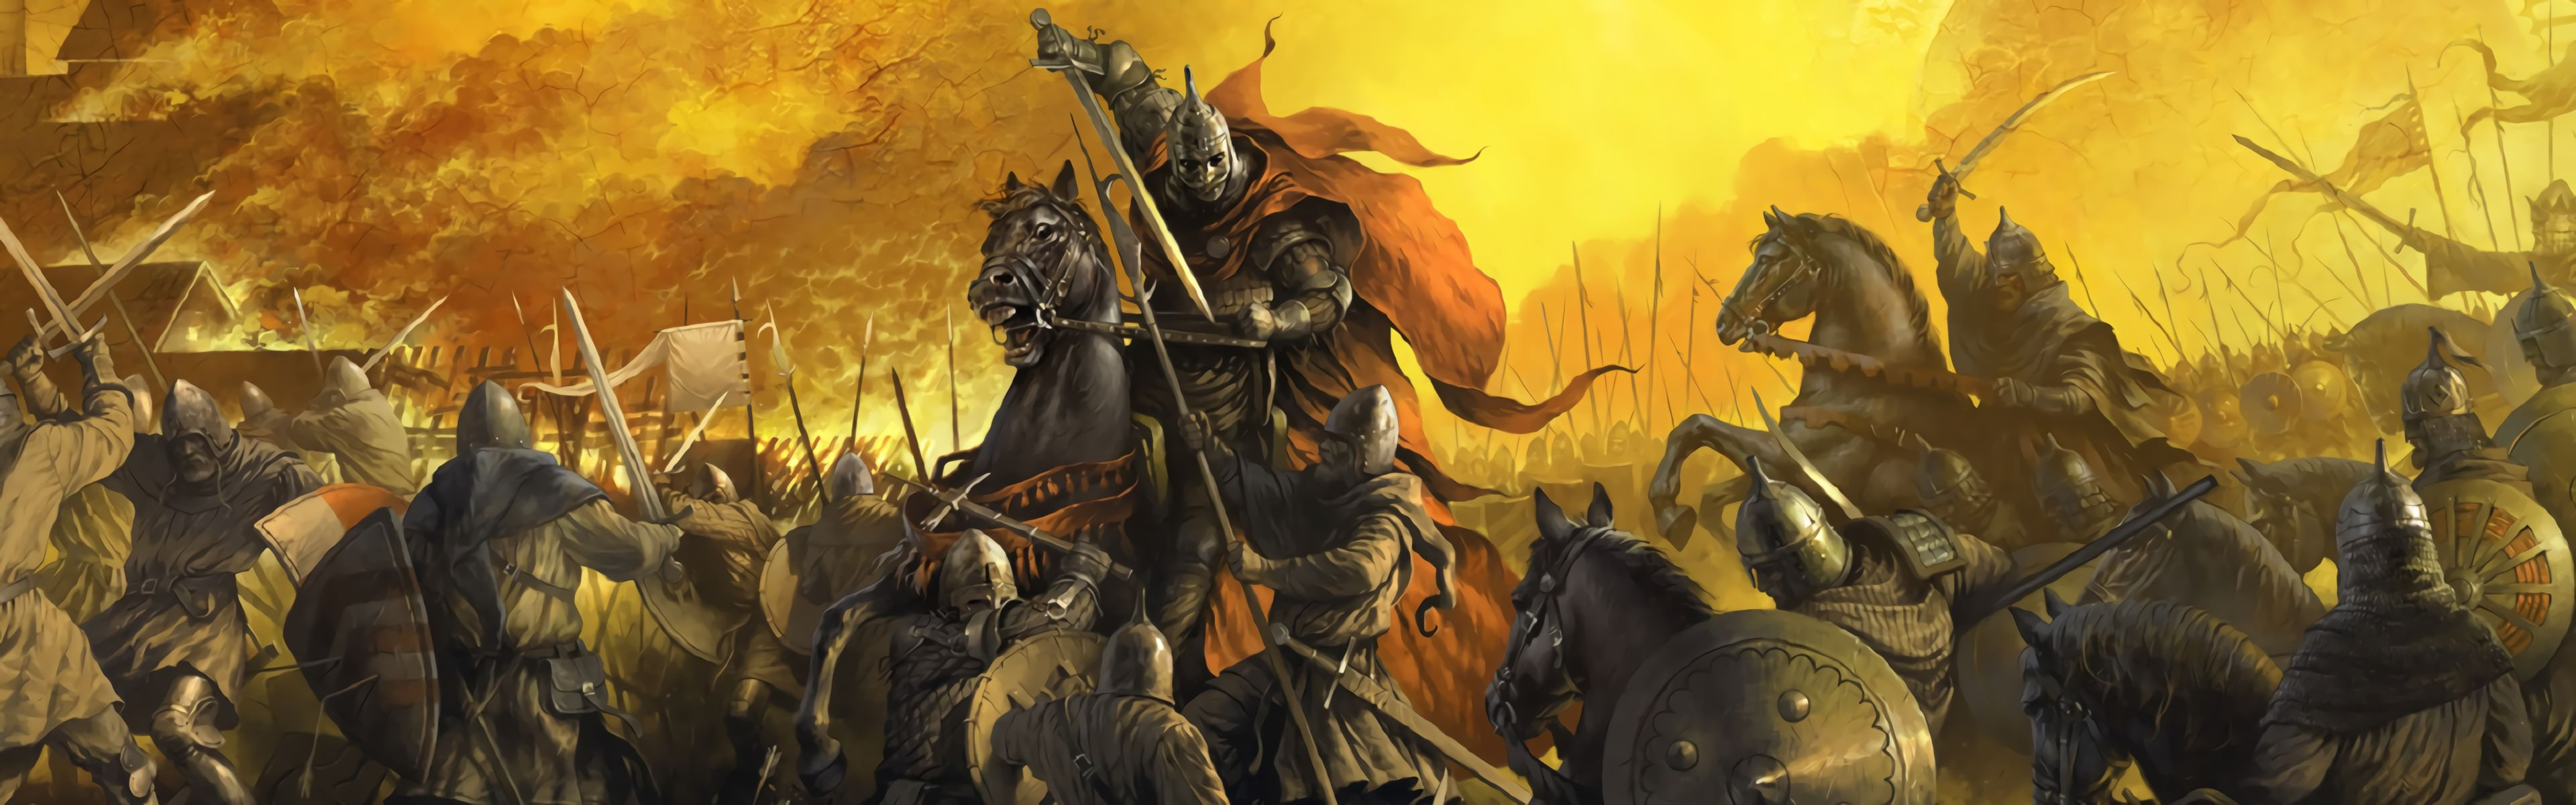 Kingdom Come Deliverance Double Wallpaper 1920x1200 V2   Album 3840x1200